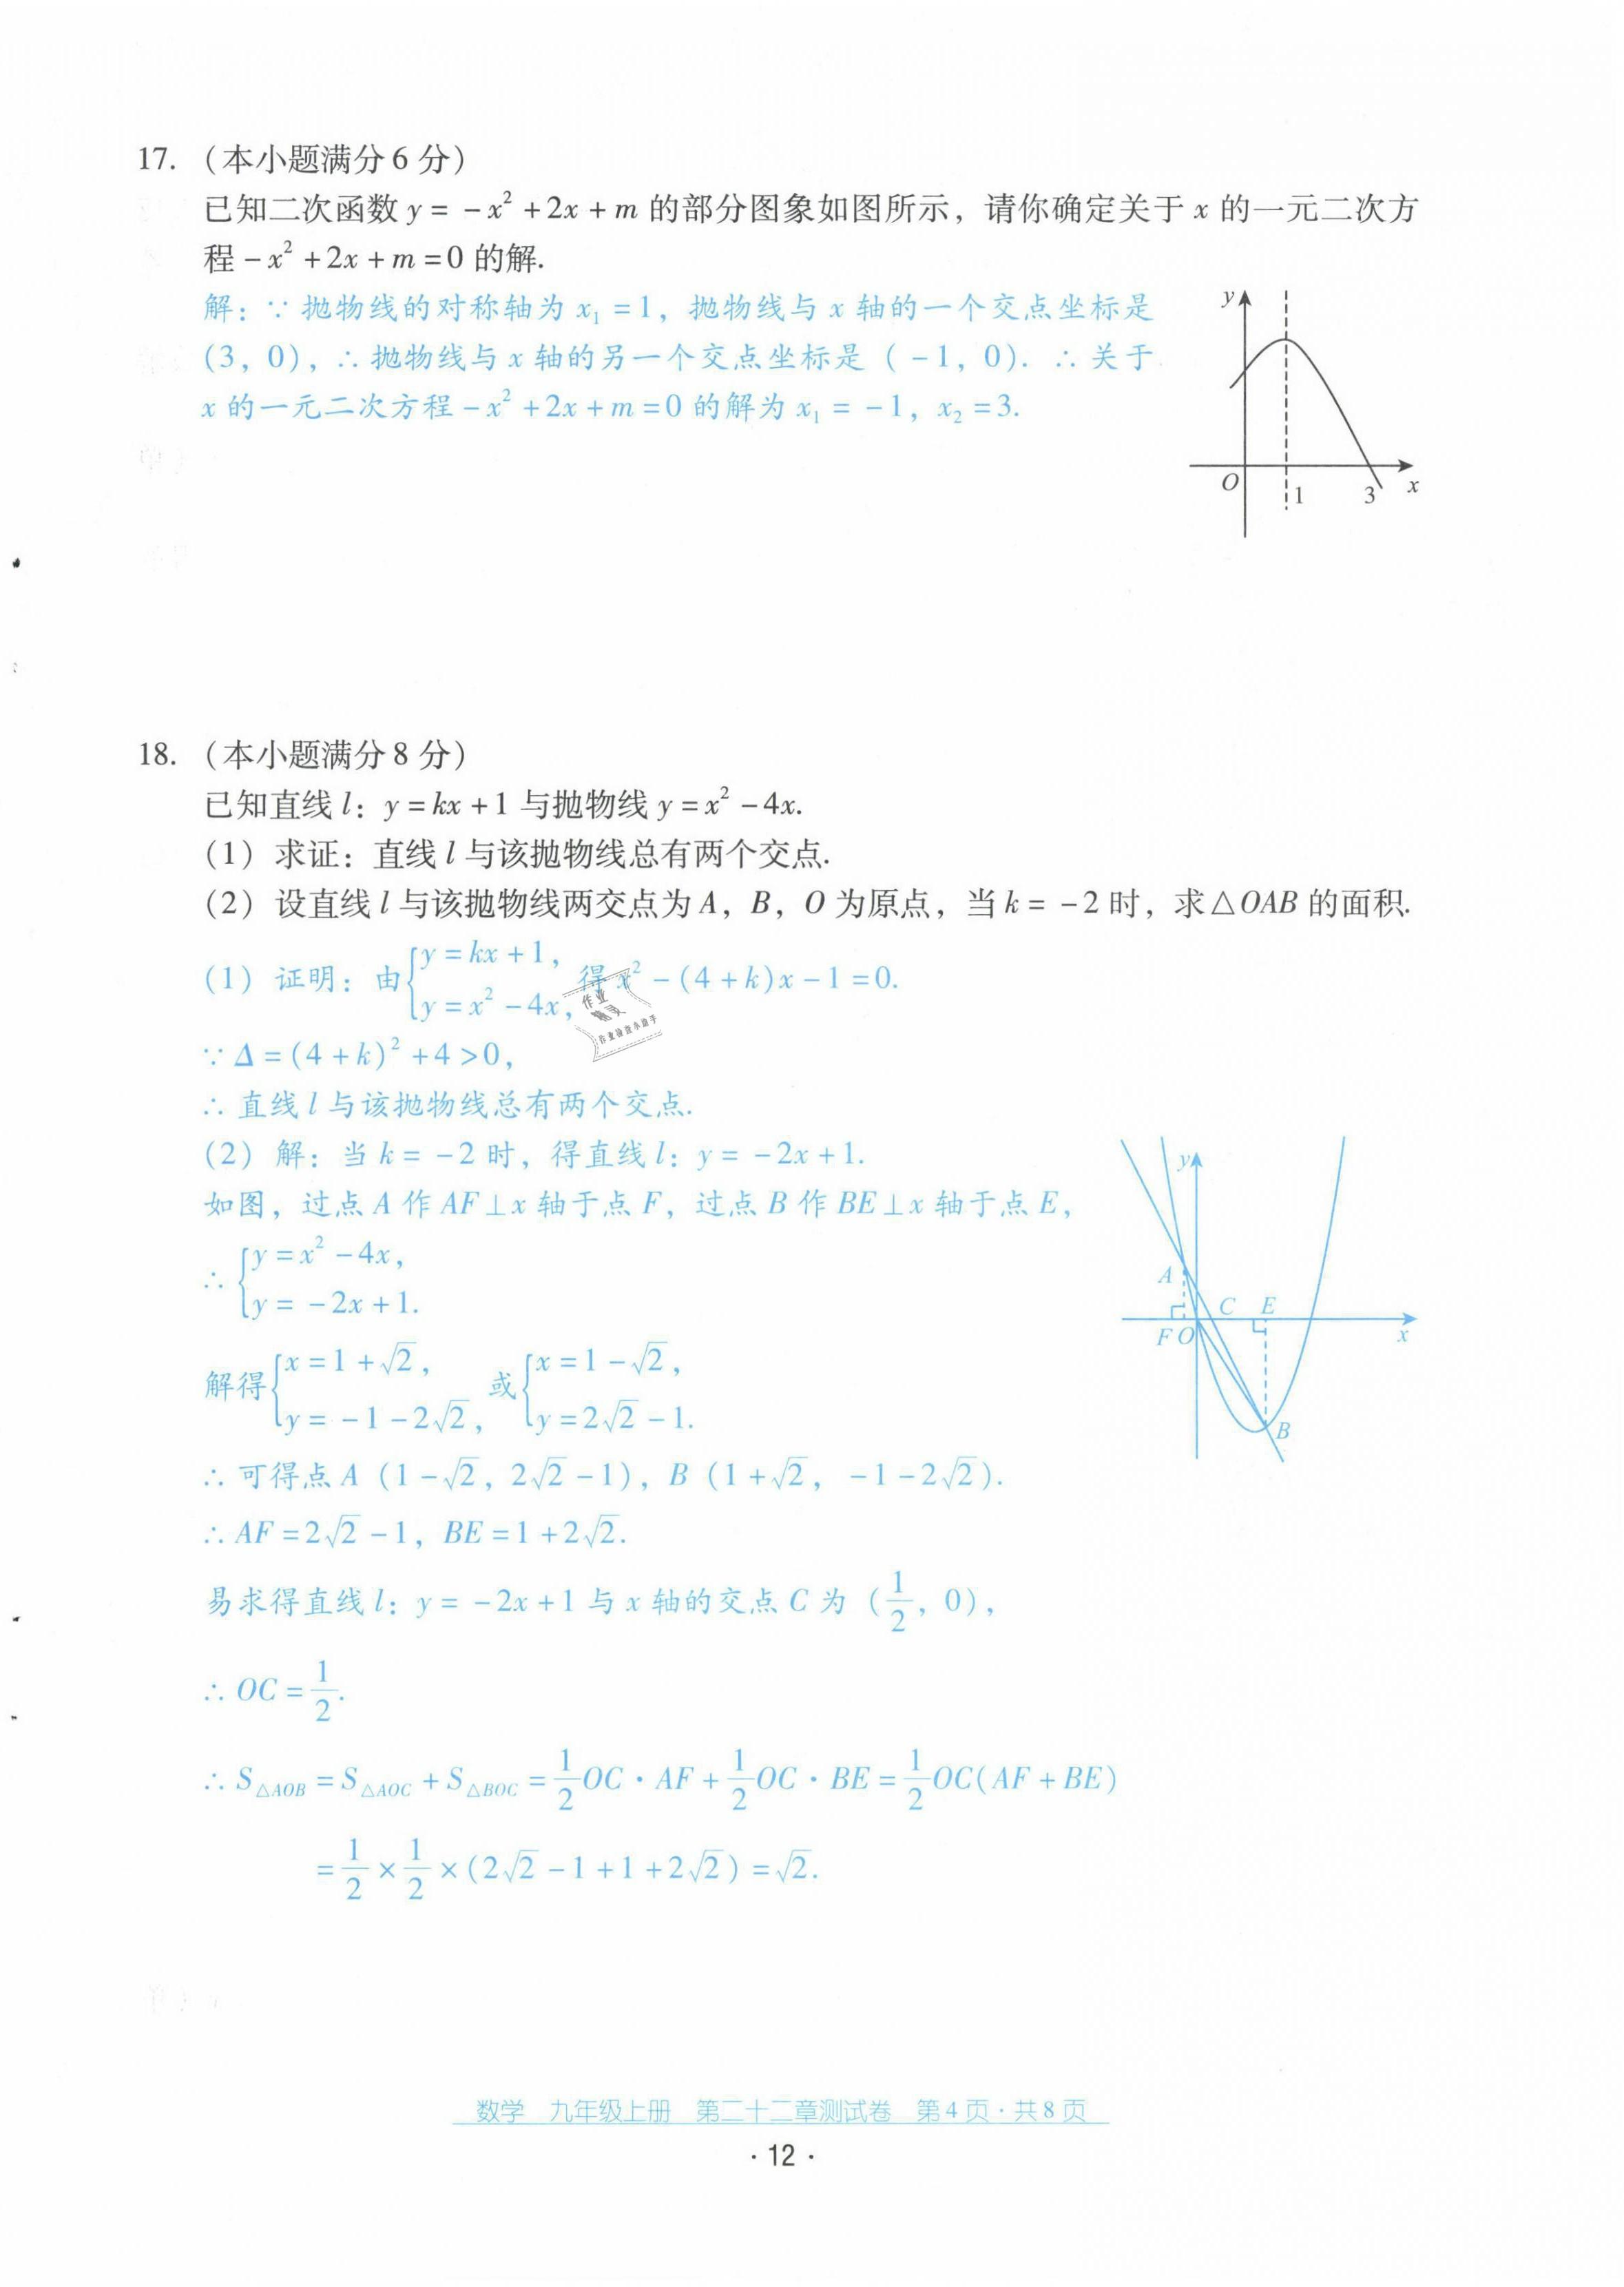 2021年云南省标准教辅优佳学案配套测试卷九年级数学上册人教版第12页